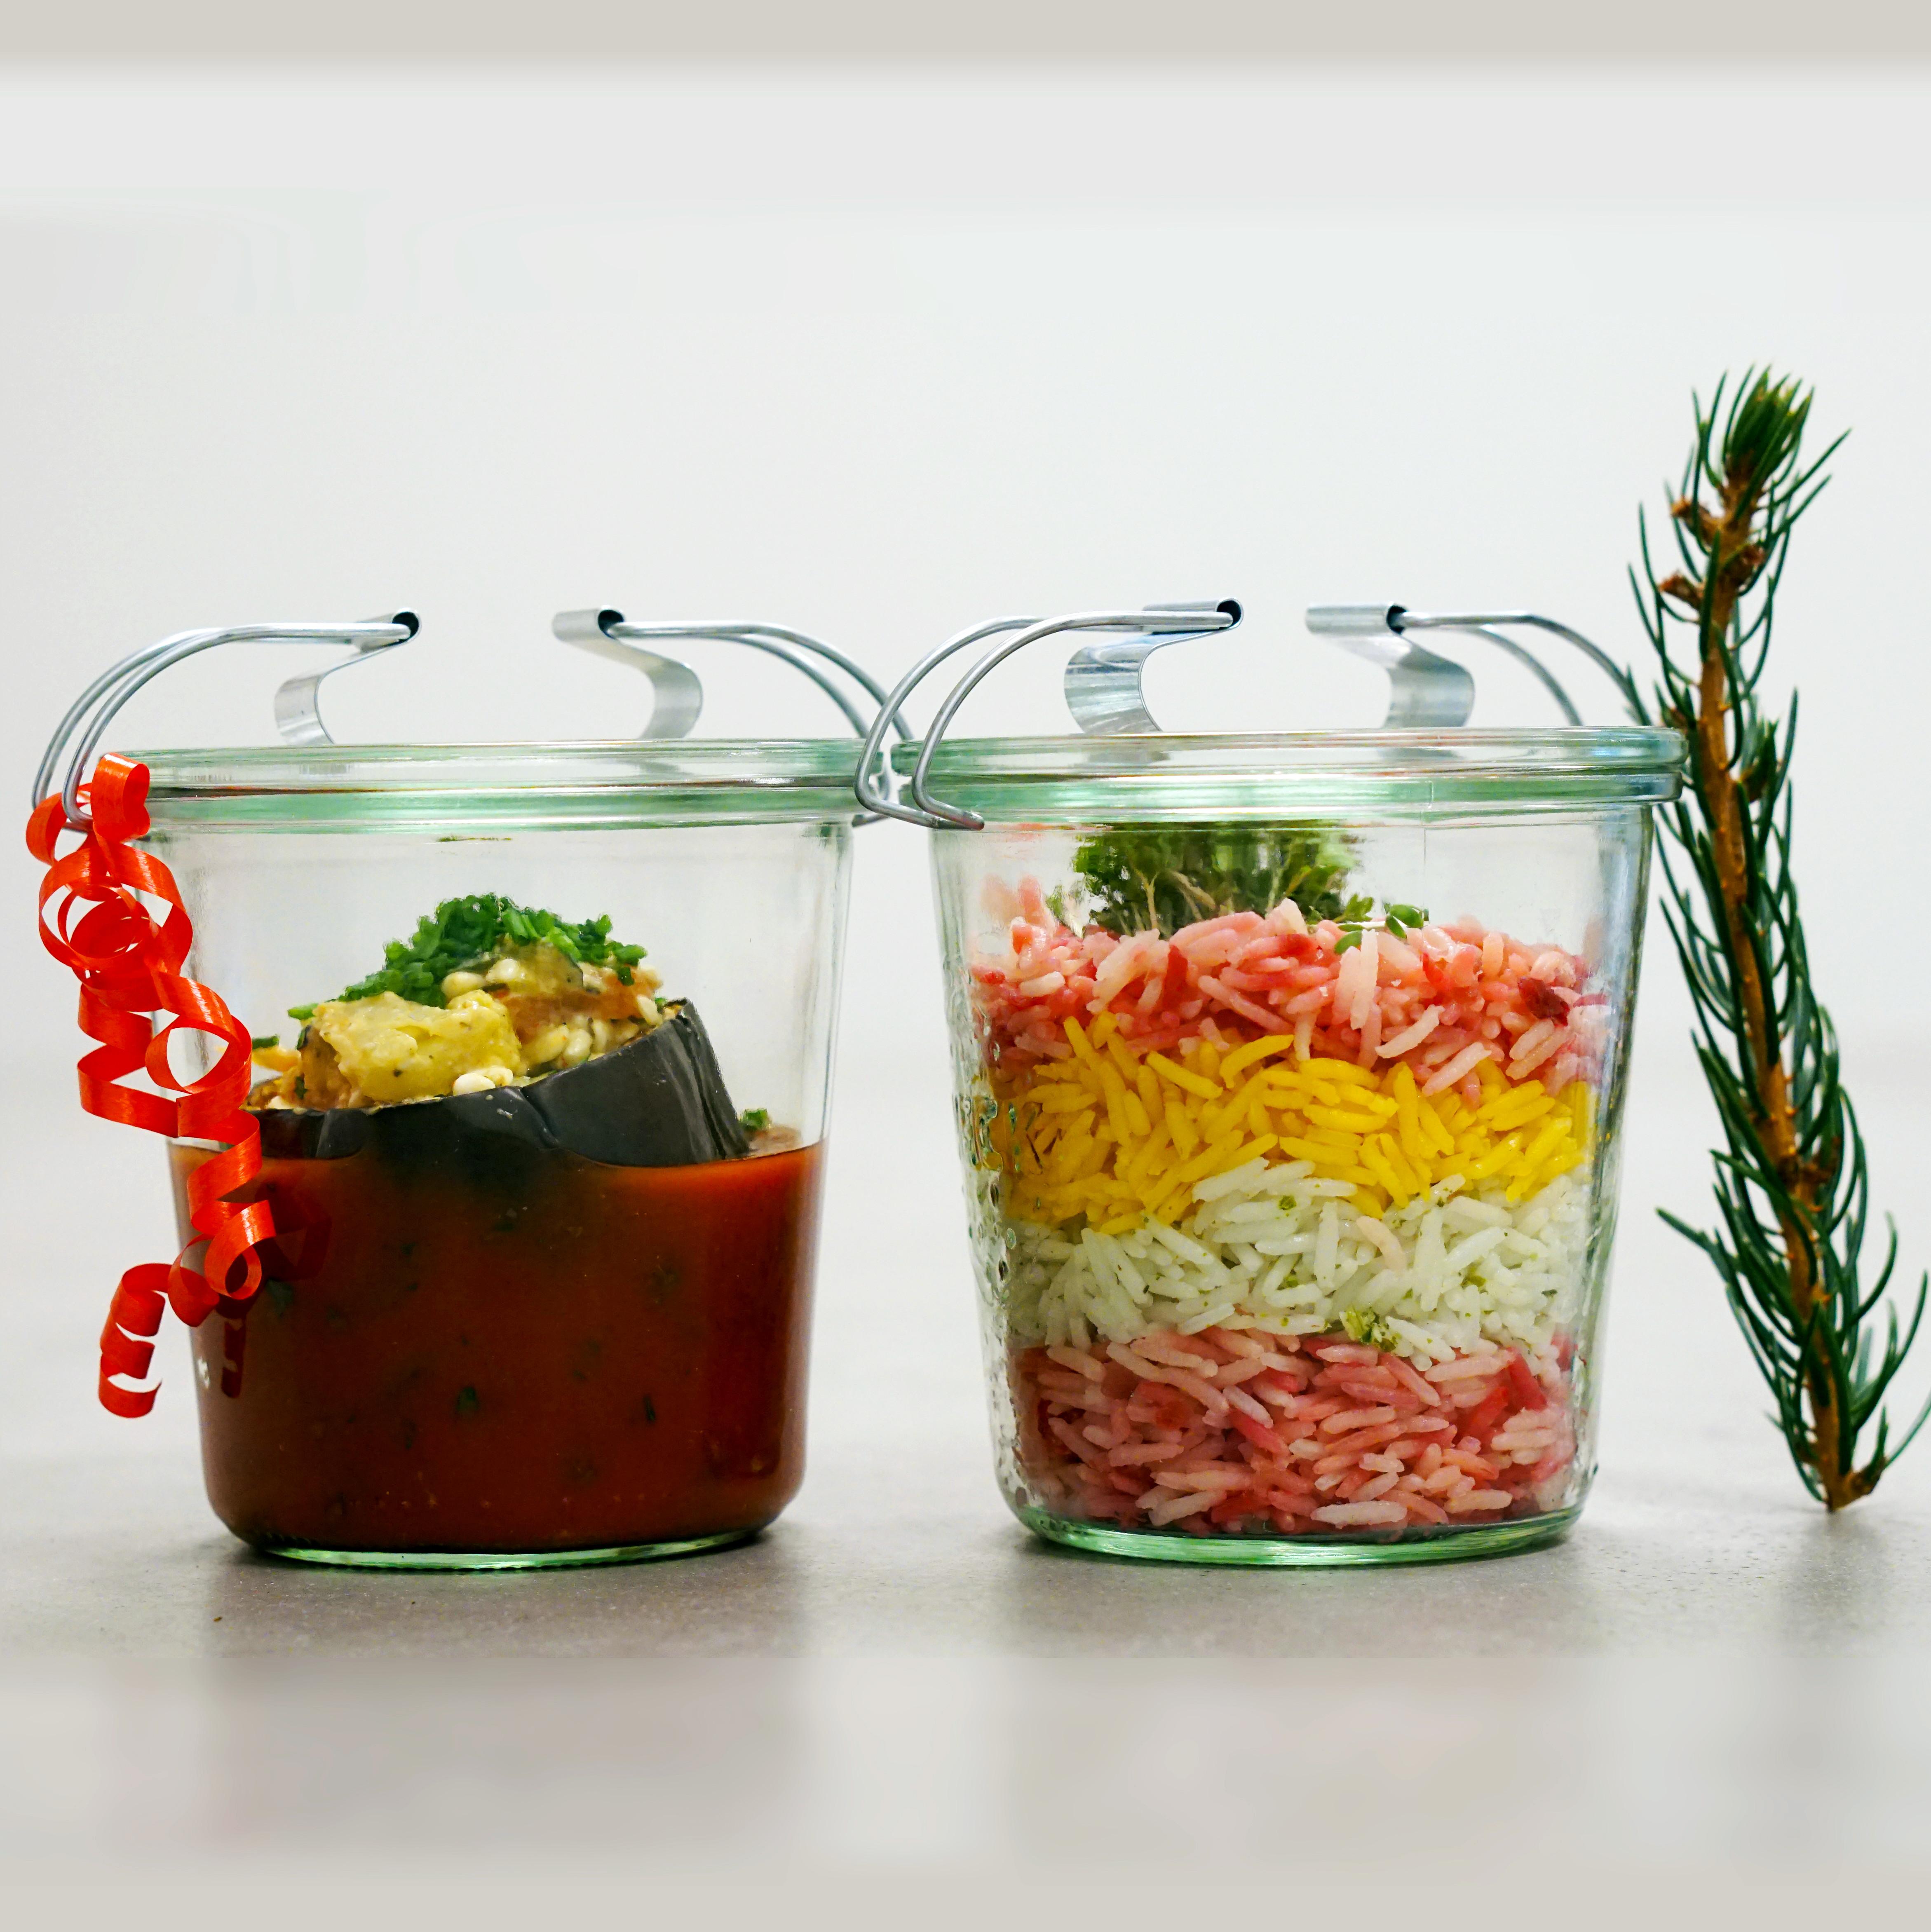 Butterstulle Catering Berlin Digitale Weihnachtsfeier